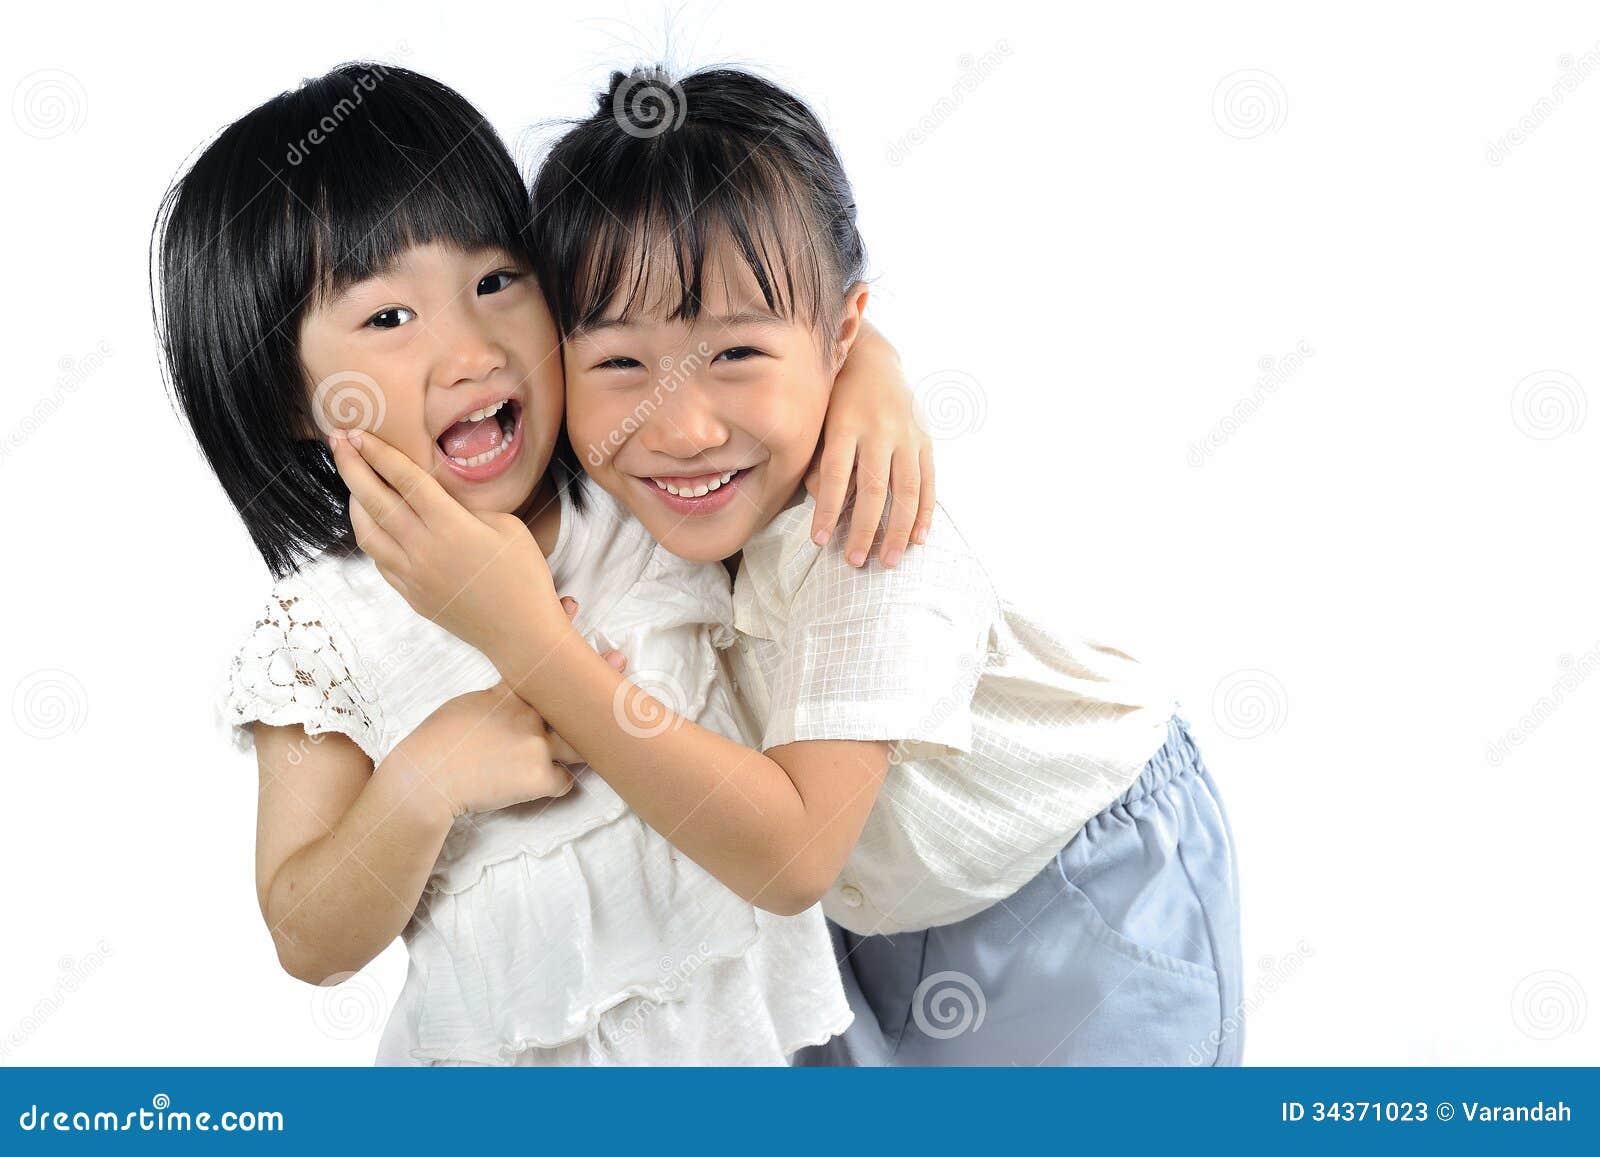 亚州爱性_两个在白色背景隔绝的愉快亚洲妹拥抱,兄弟姐妹一起爱.